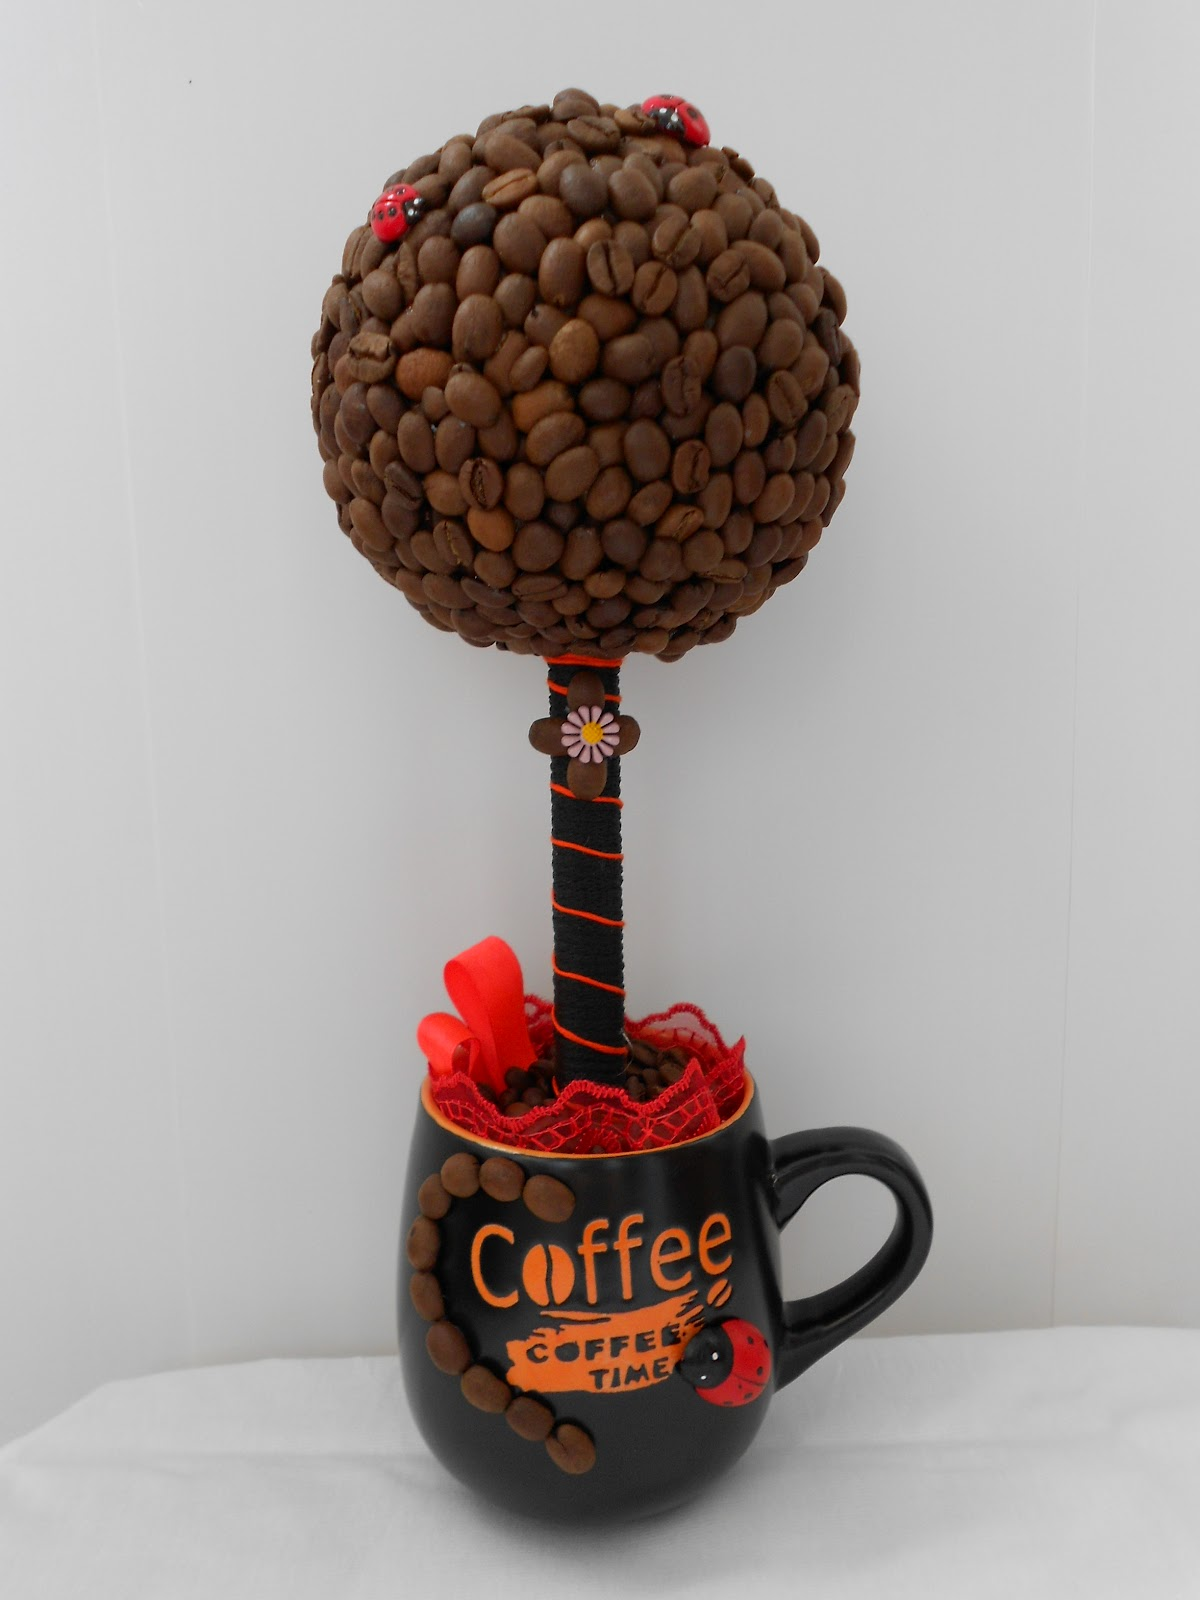 Топиарий из кофе : фото своими руками, кофейное дерево мастер класс, как 69